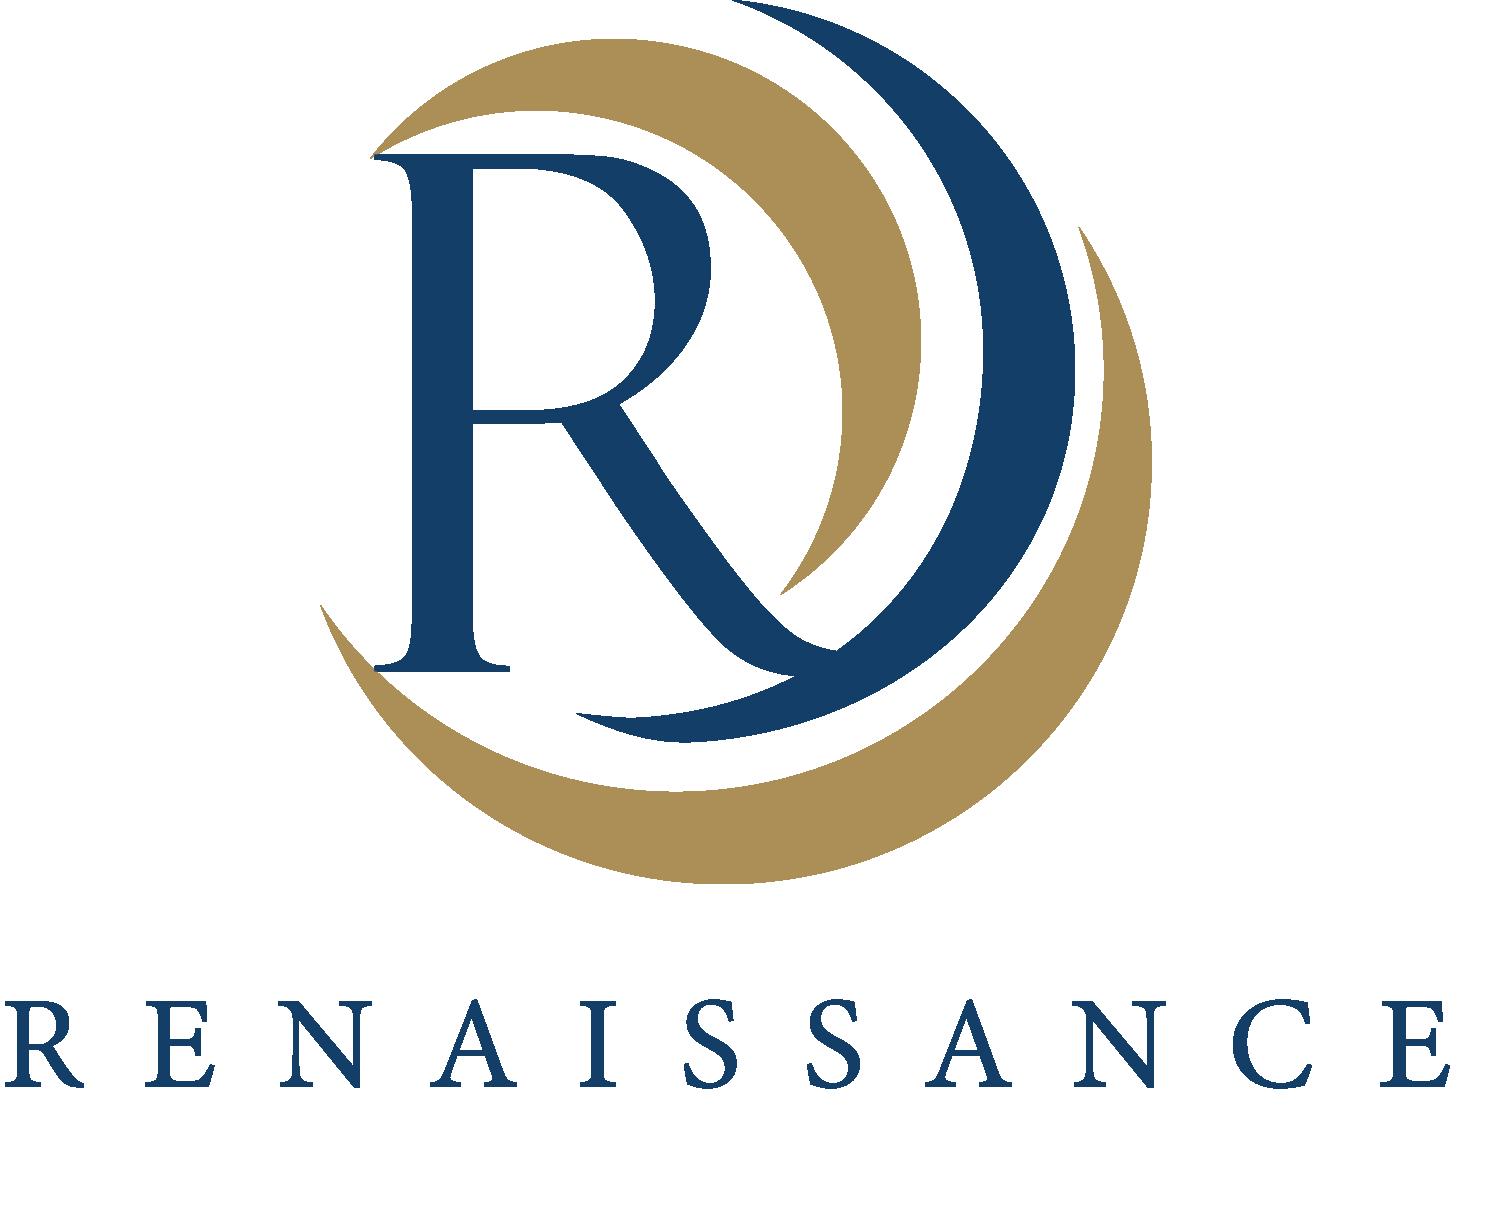 Renaissance_2019_gold_Final